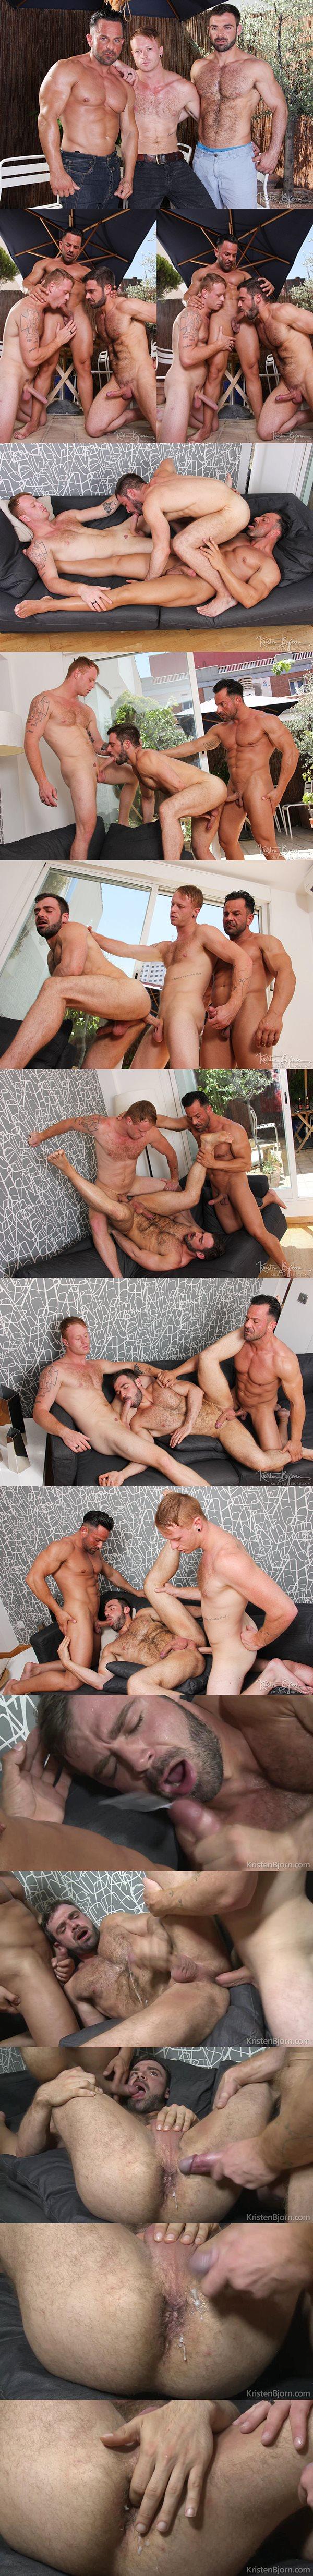 Tom Vojak and Alex Brando bareback hairy hunk Jose Quevedo in Skins Posing Trunks at Kristenbjorn 02